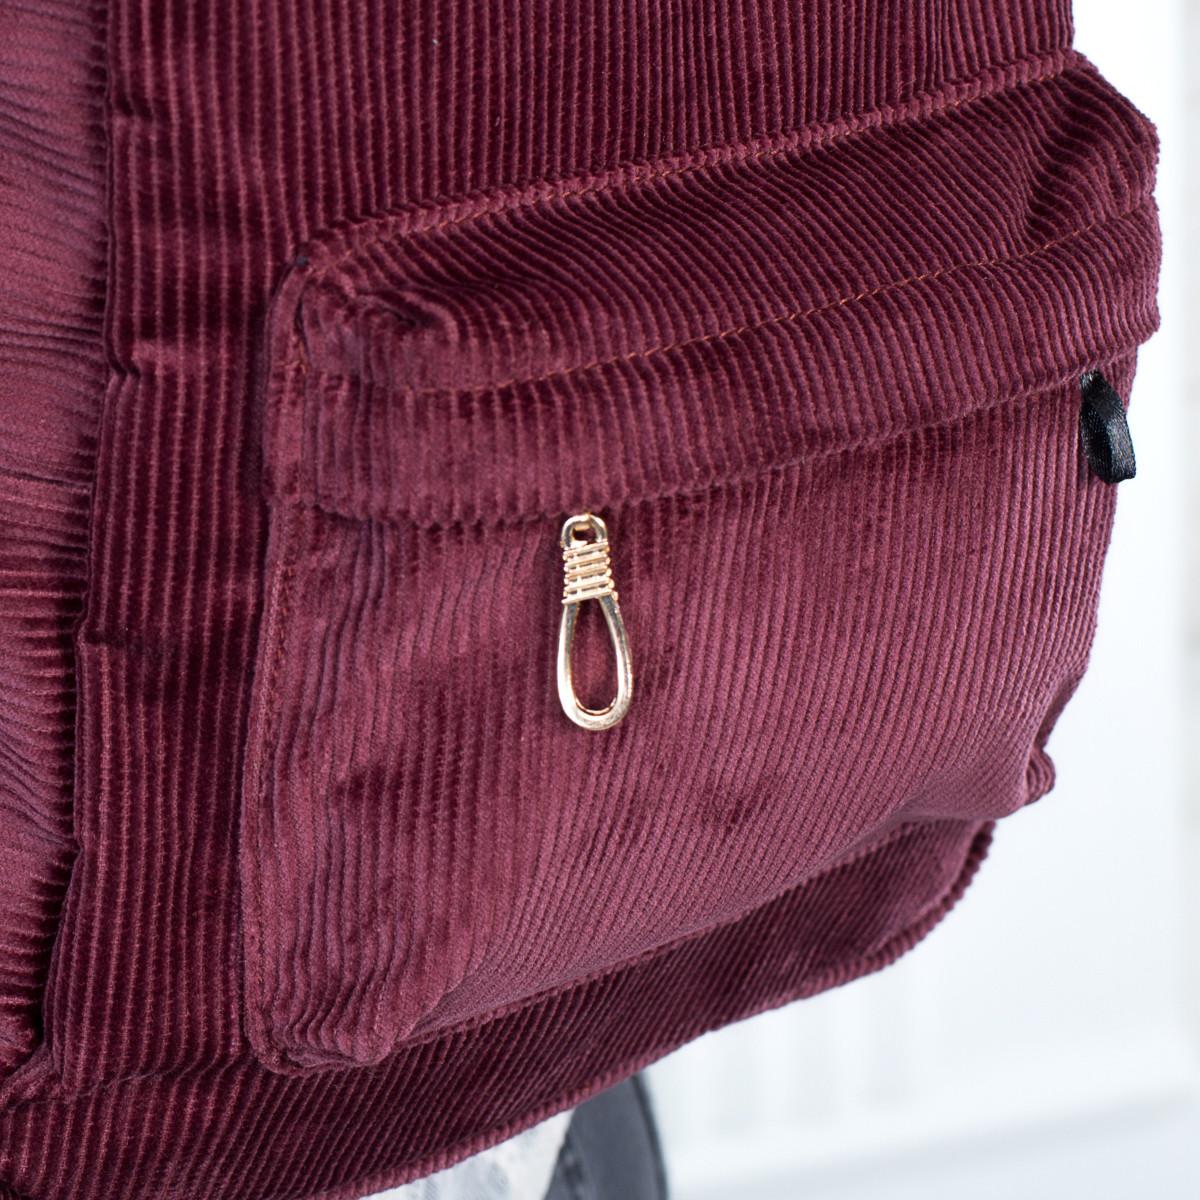 Городской женский вельветовый рюкзак Mayers, бордовый, фото 6